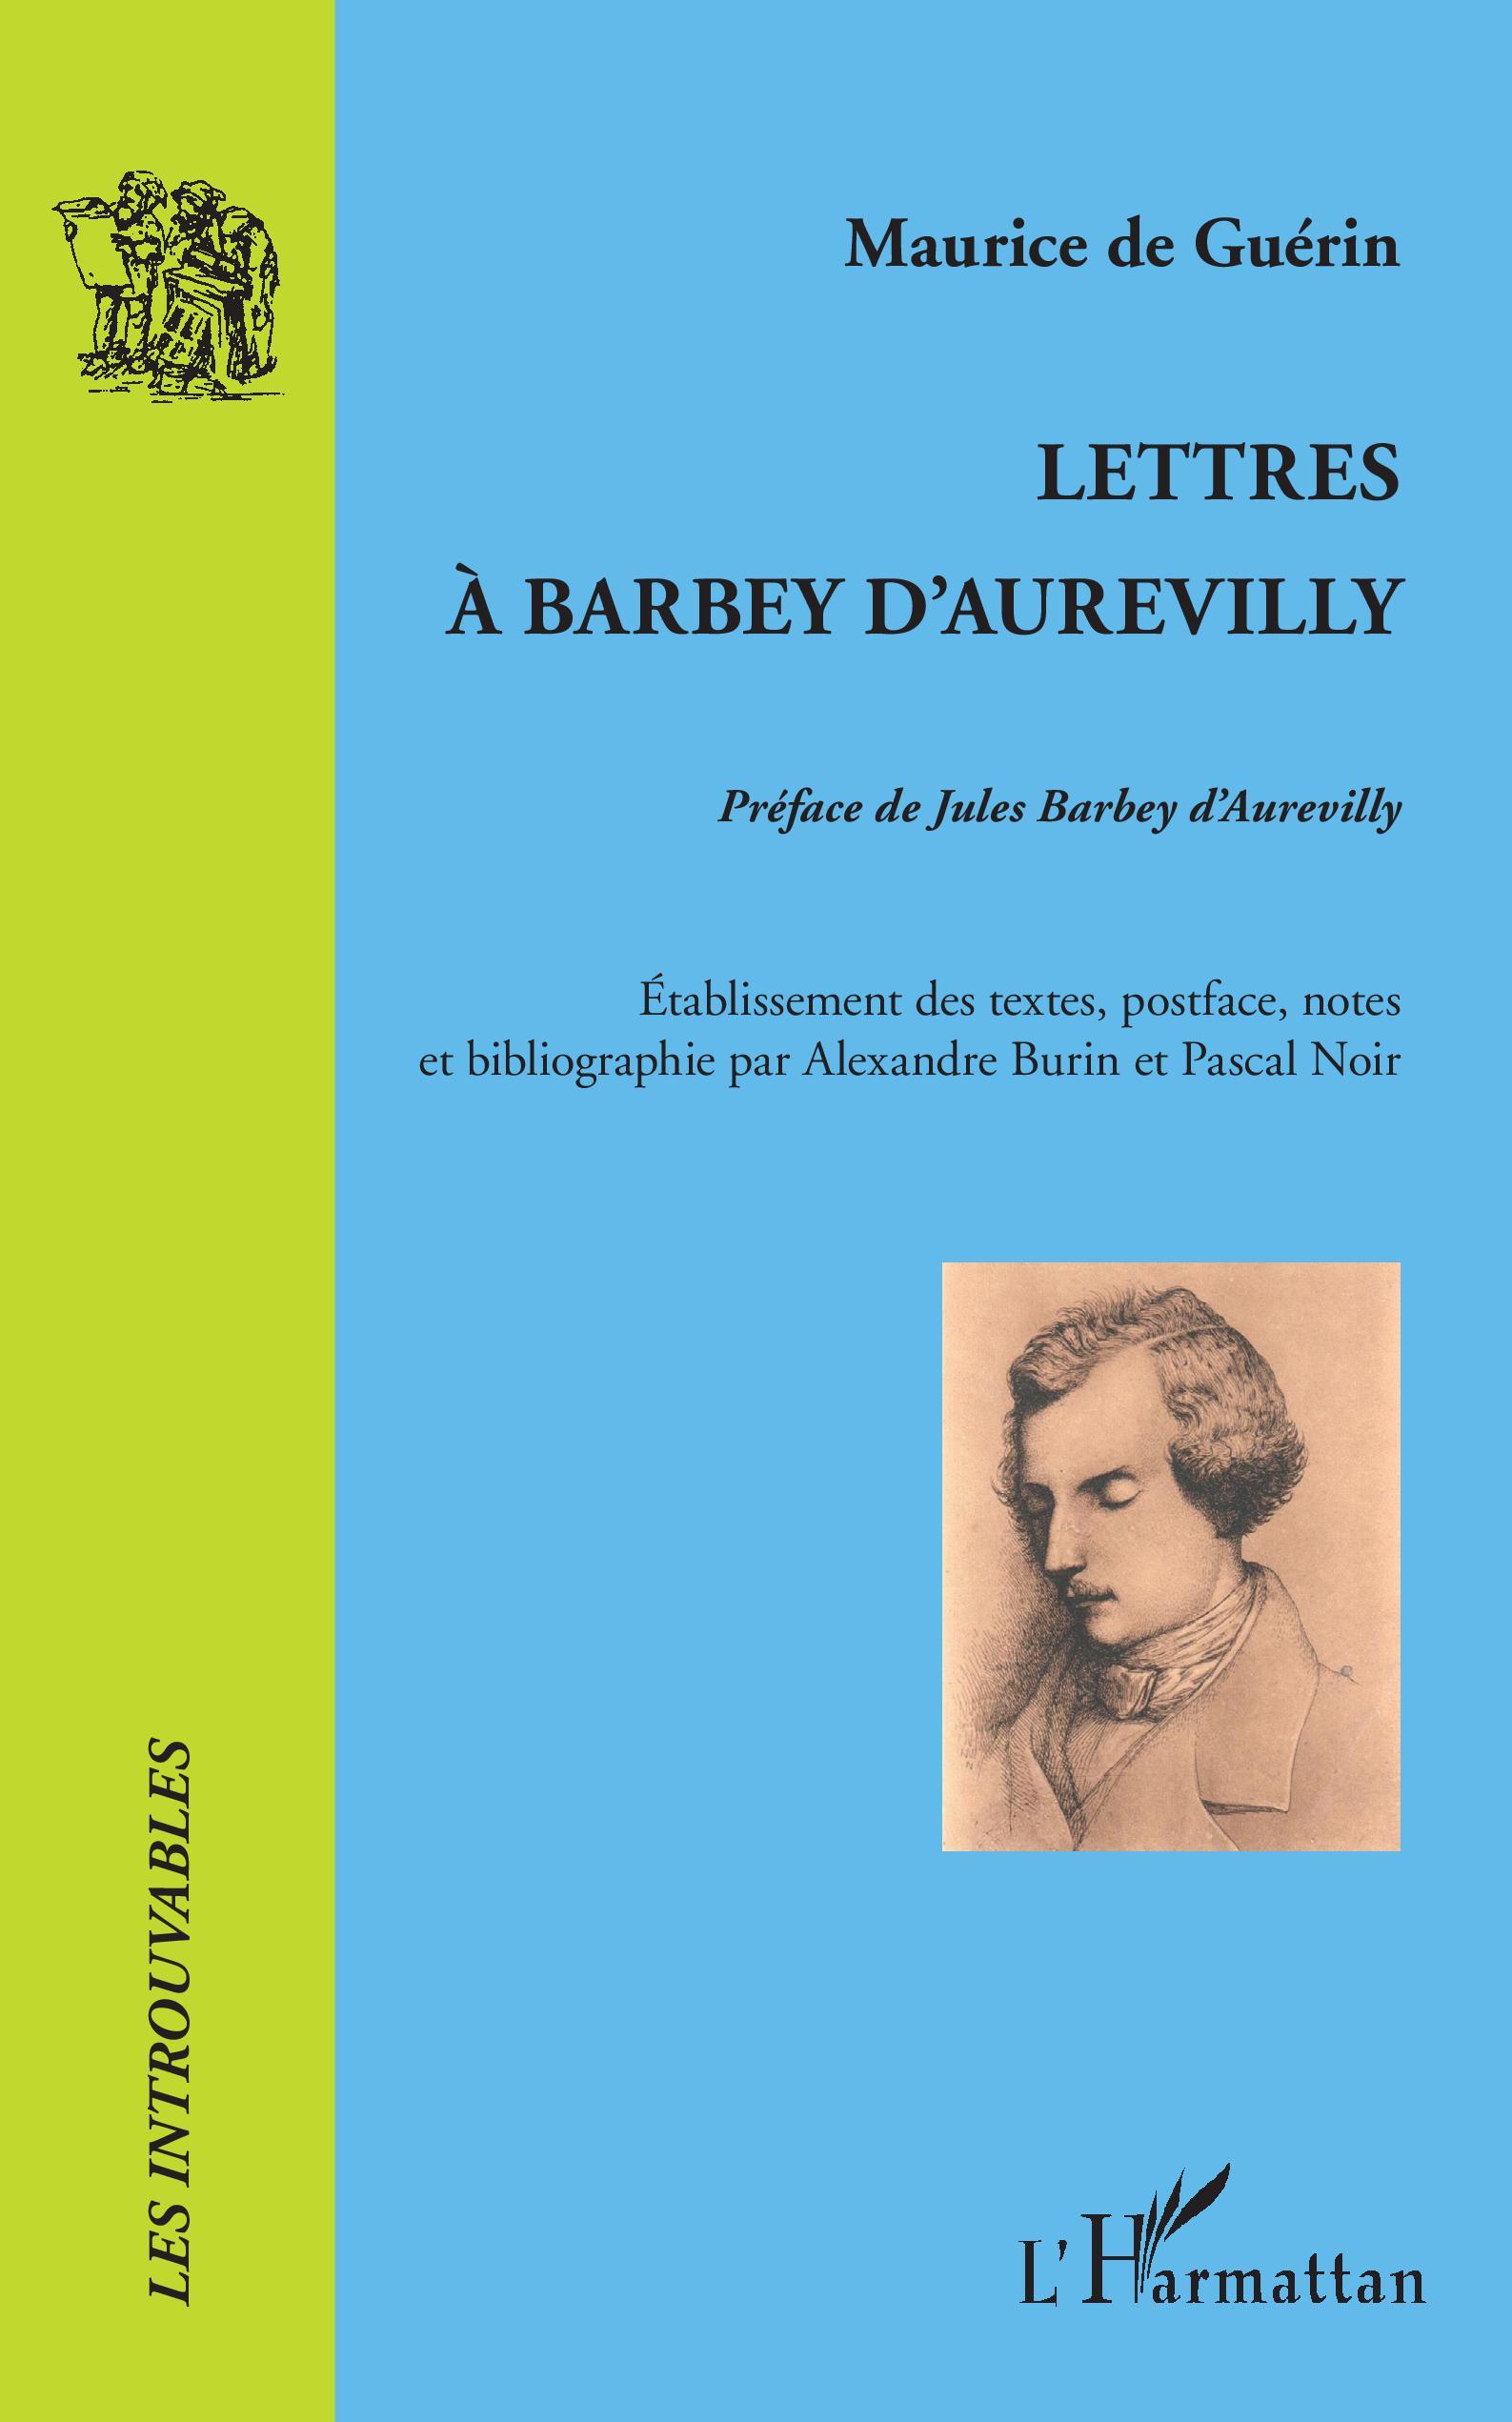 M. de Guérin, Lettres à Barbey d'Aurevilly